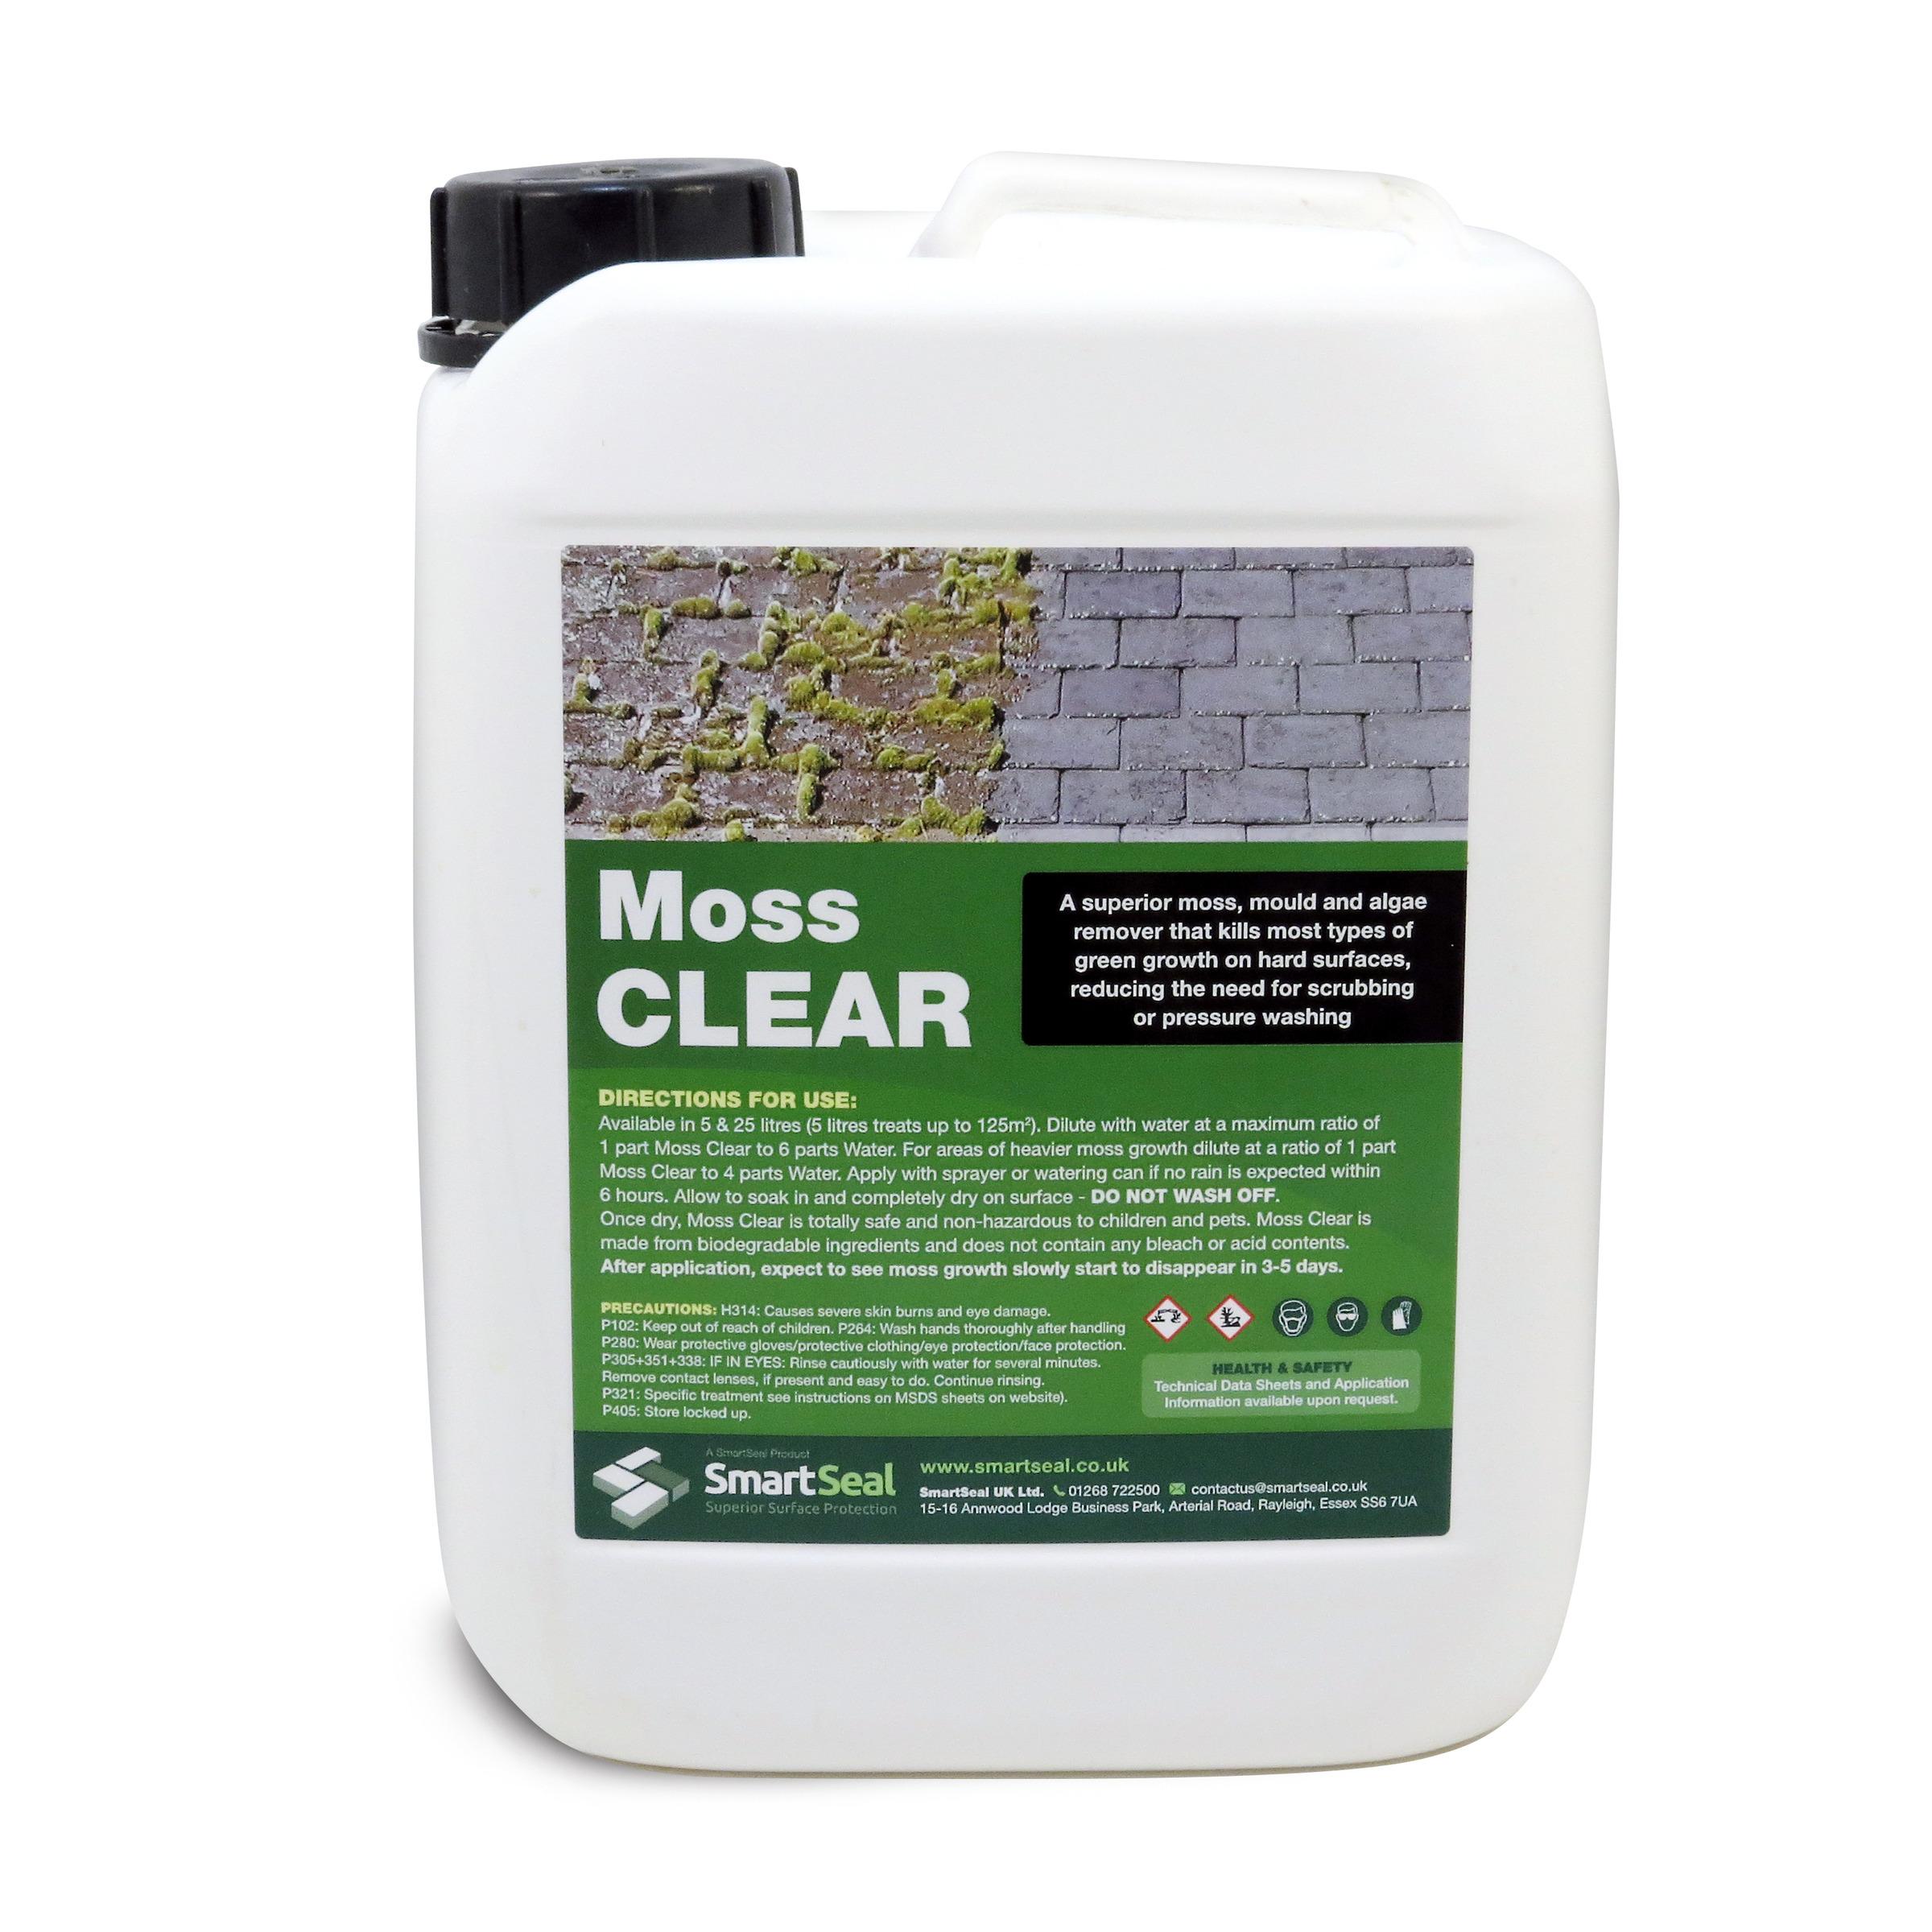 Moss Killer U0026 Algae Remover For Driveways, Patios U0026 Roofs